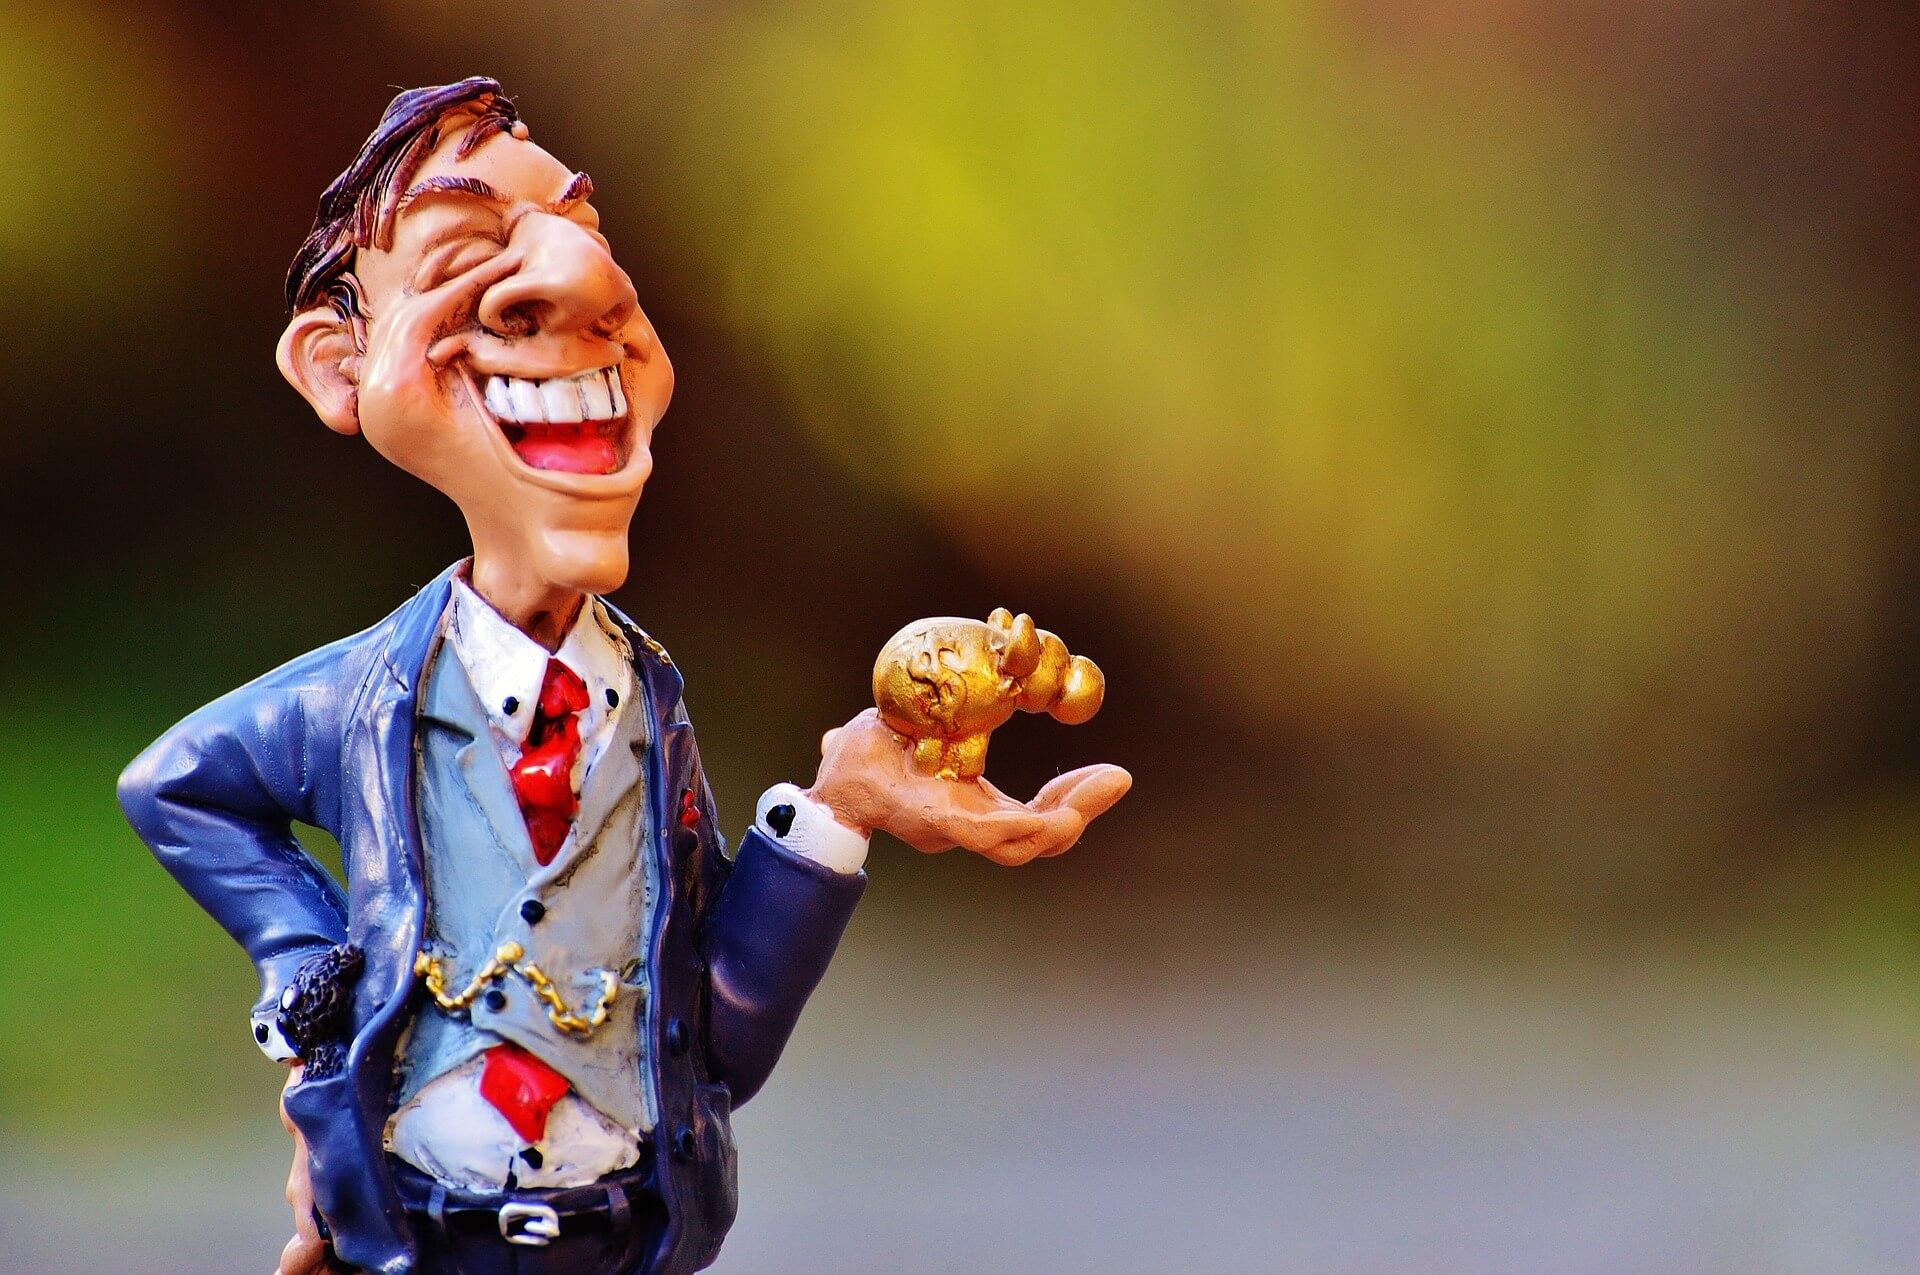 男性が笑っている画像